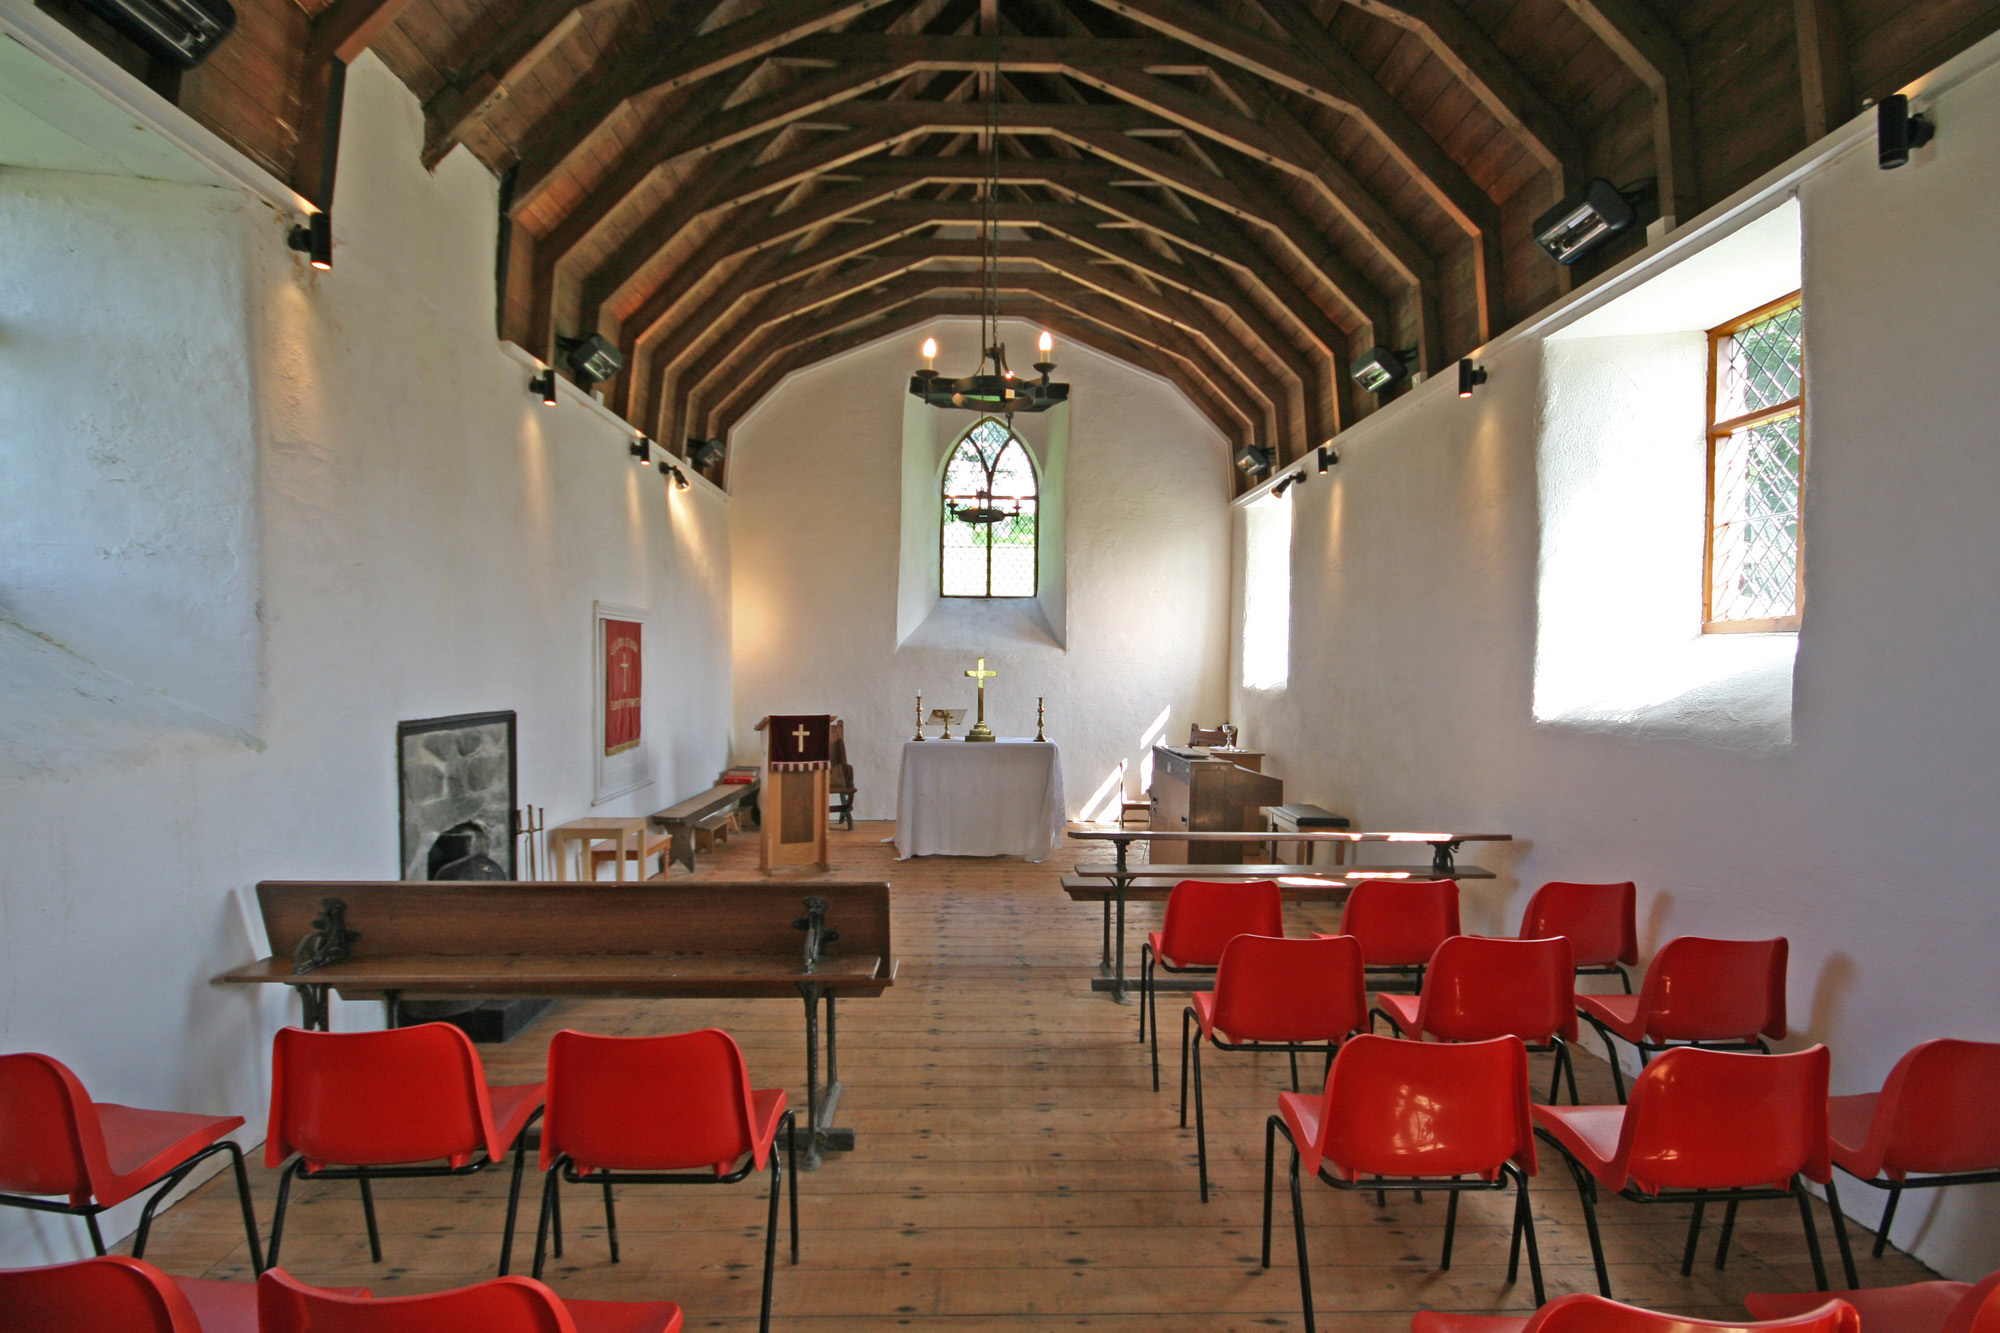 Eglwys Sant Ioan Fedyddiwr, Ysbyty Ystwyth